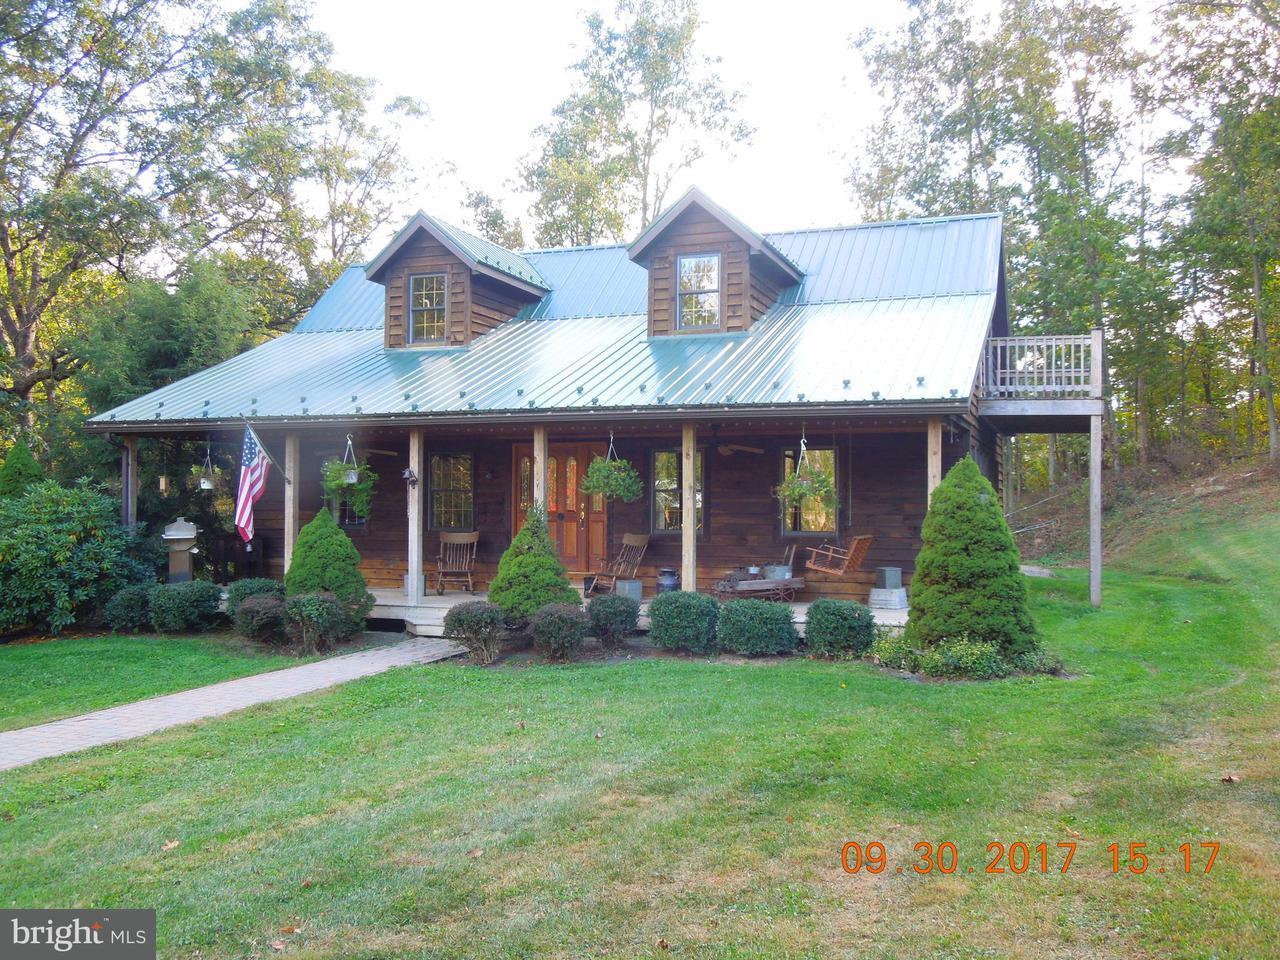 一戸建て のために 売買 アット 207 PINE RIDGE Road 207 PINE RIDGE Road Bedford, ペンシルベニア 15522 アメリカ合衆国